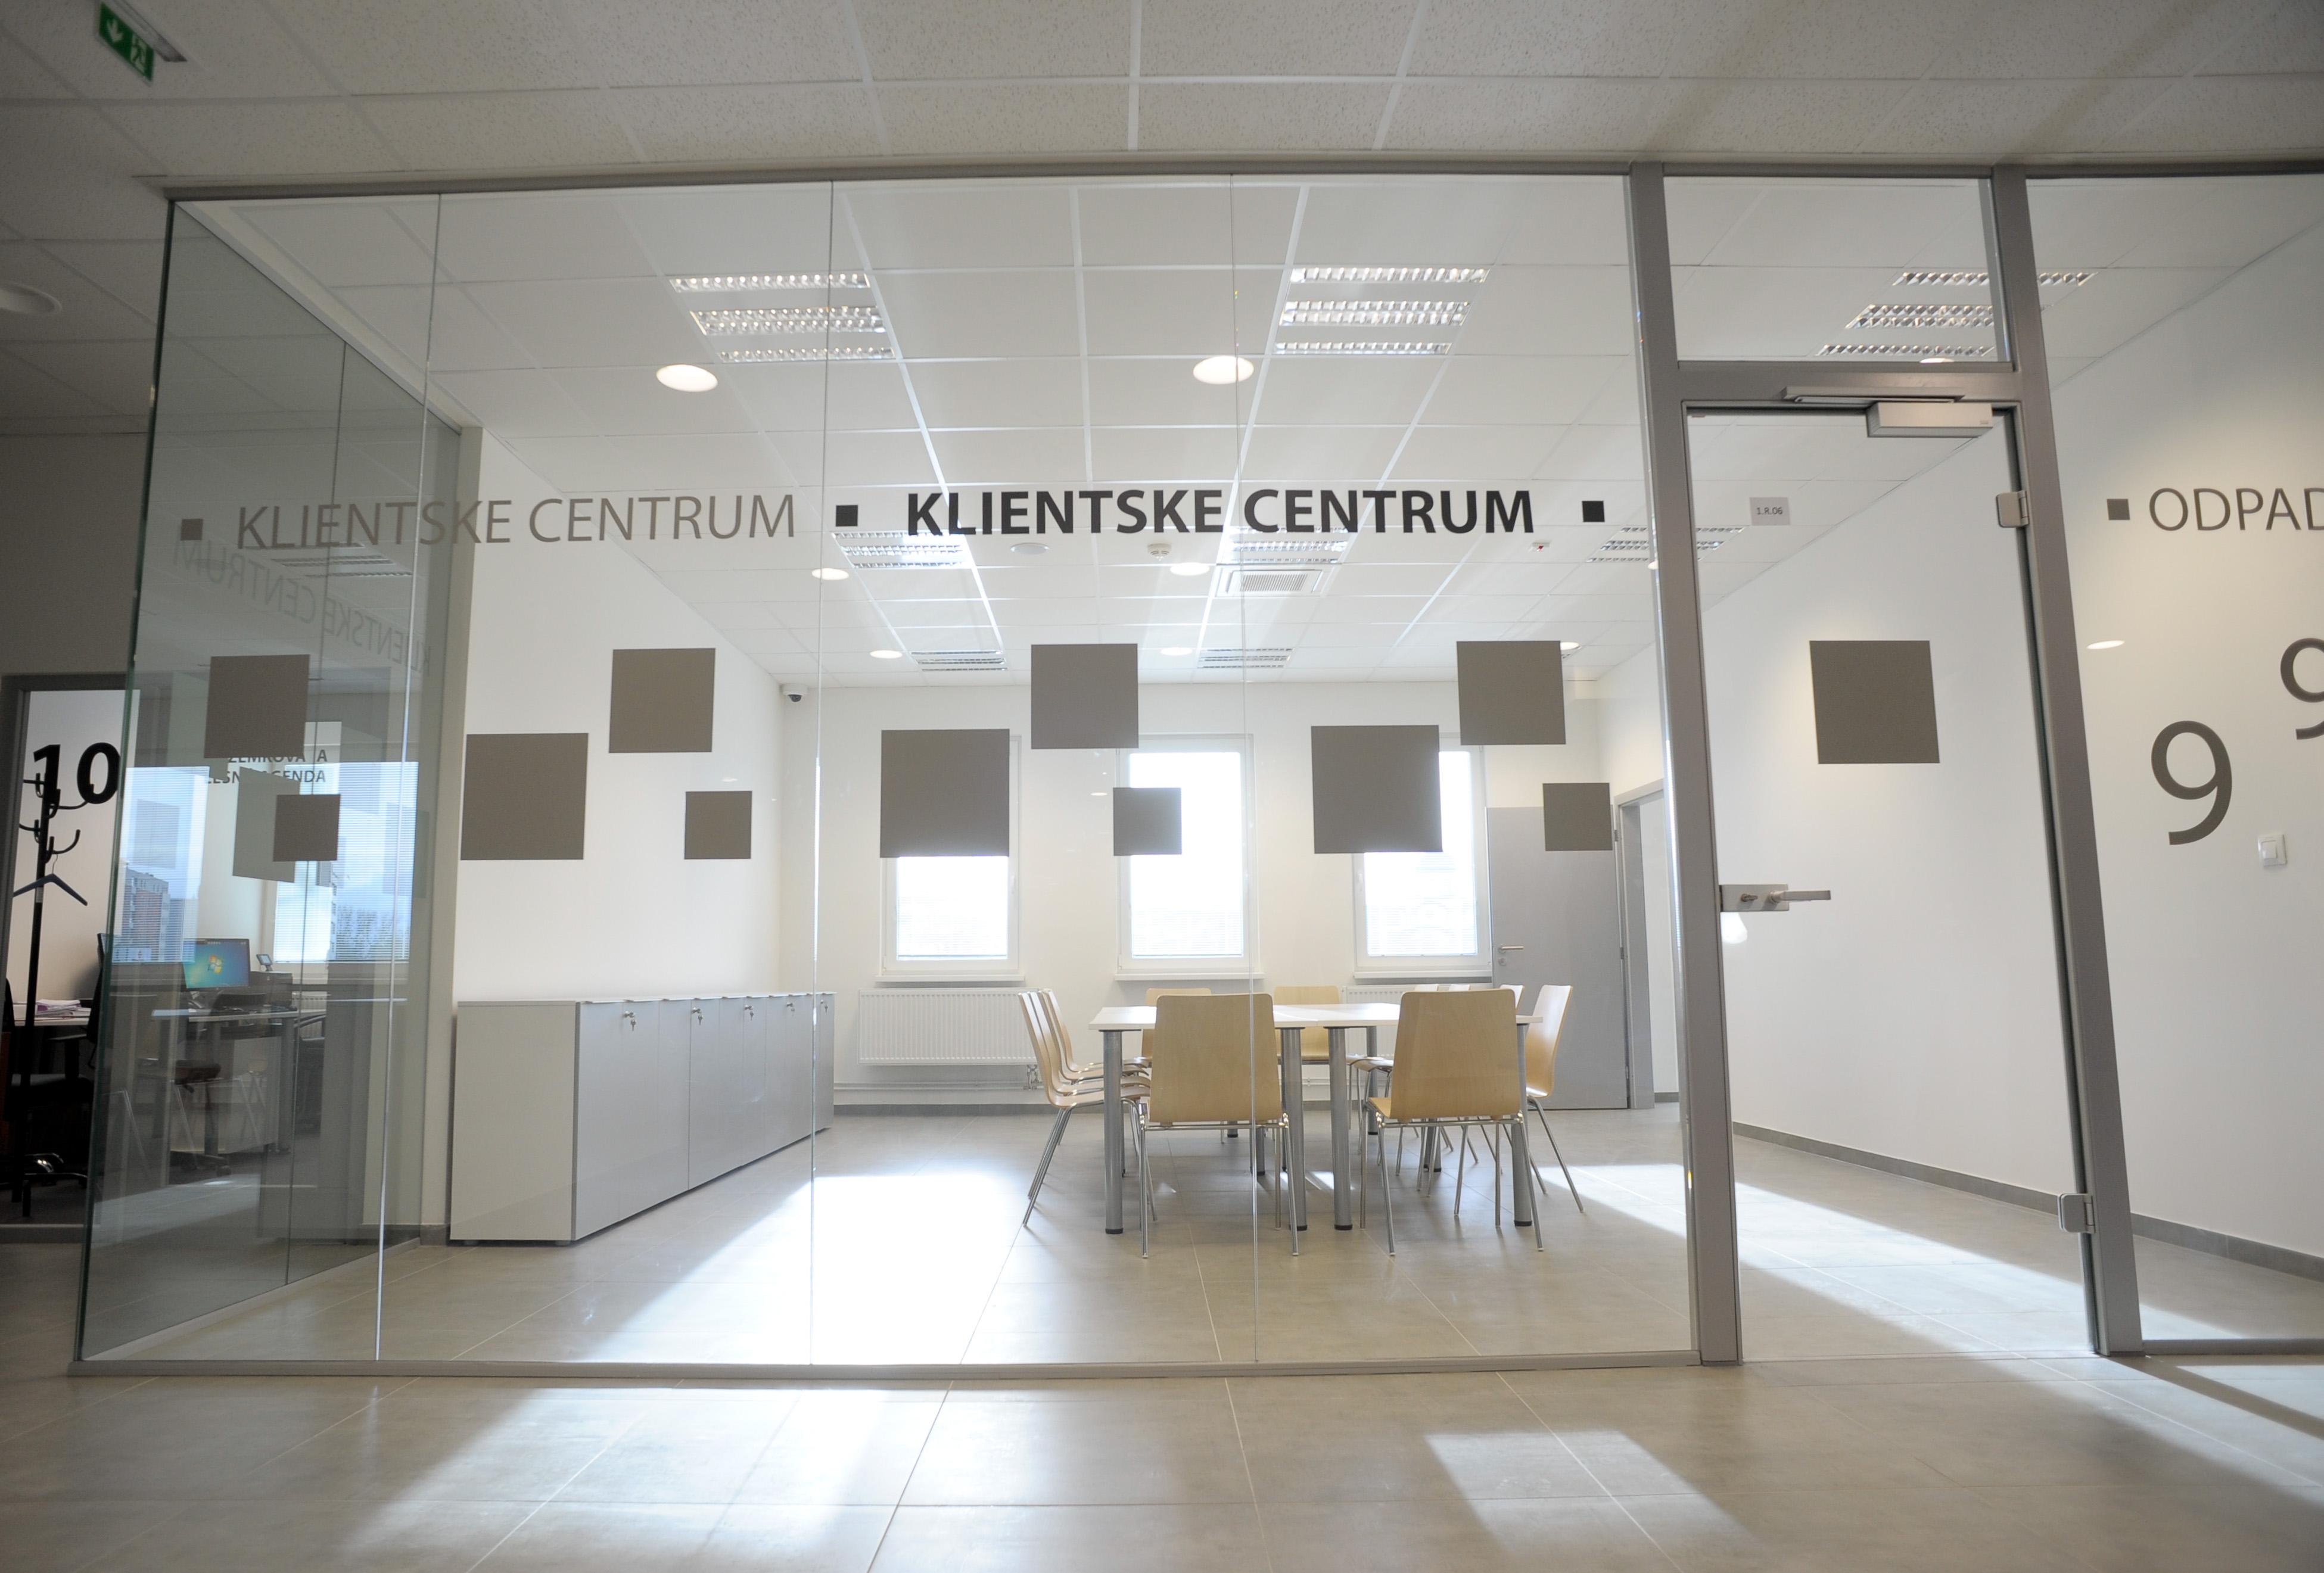 Klientské centrum